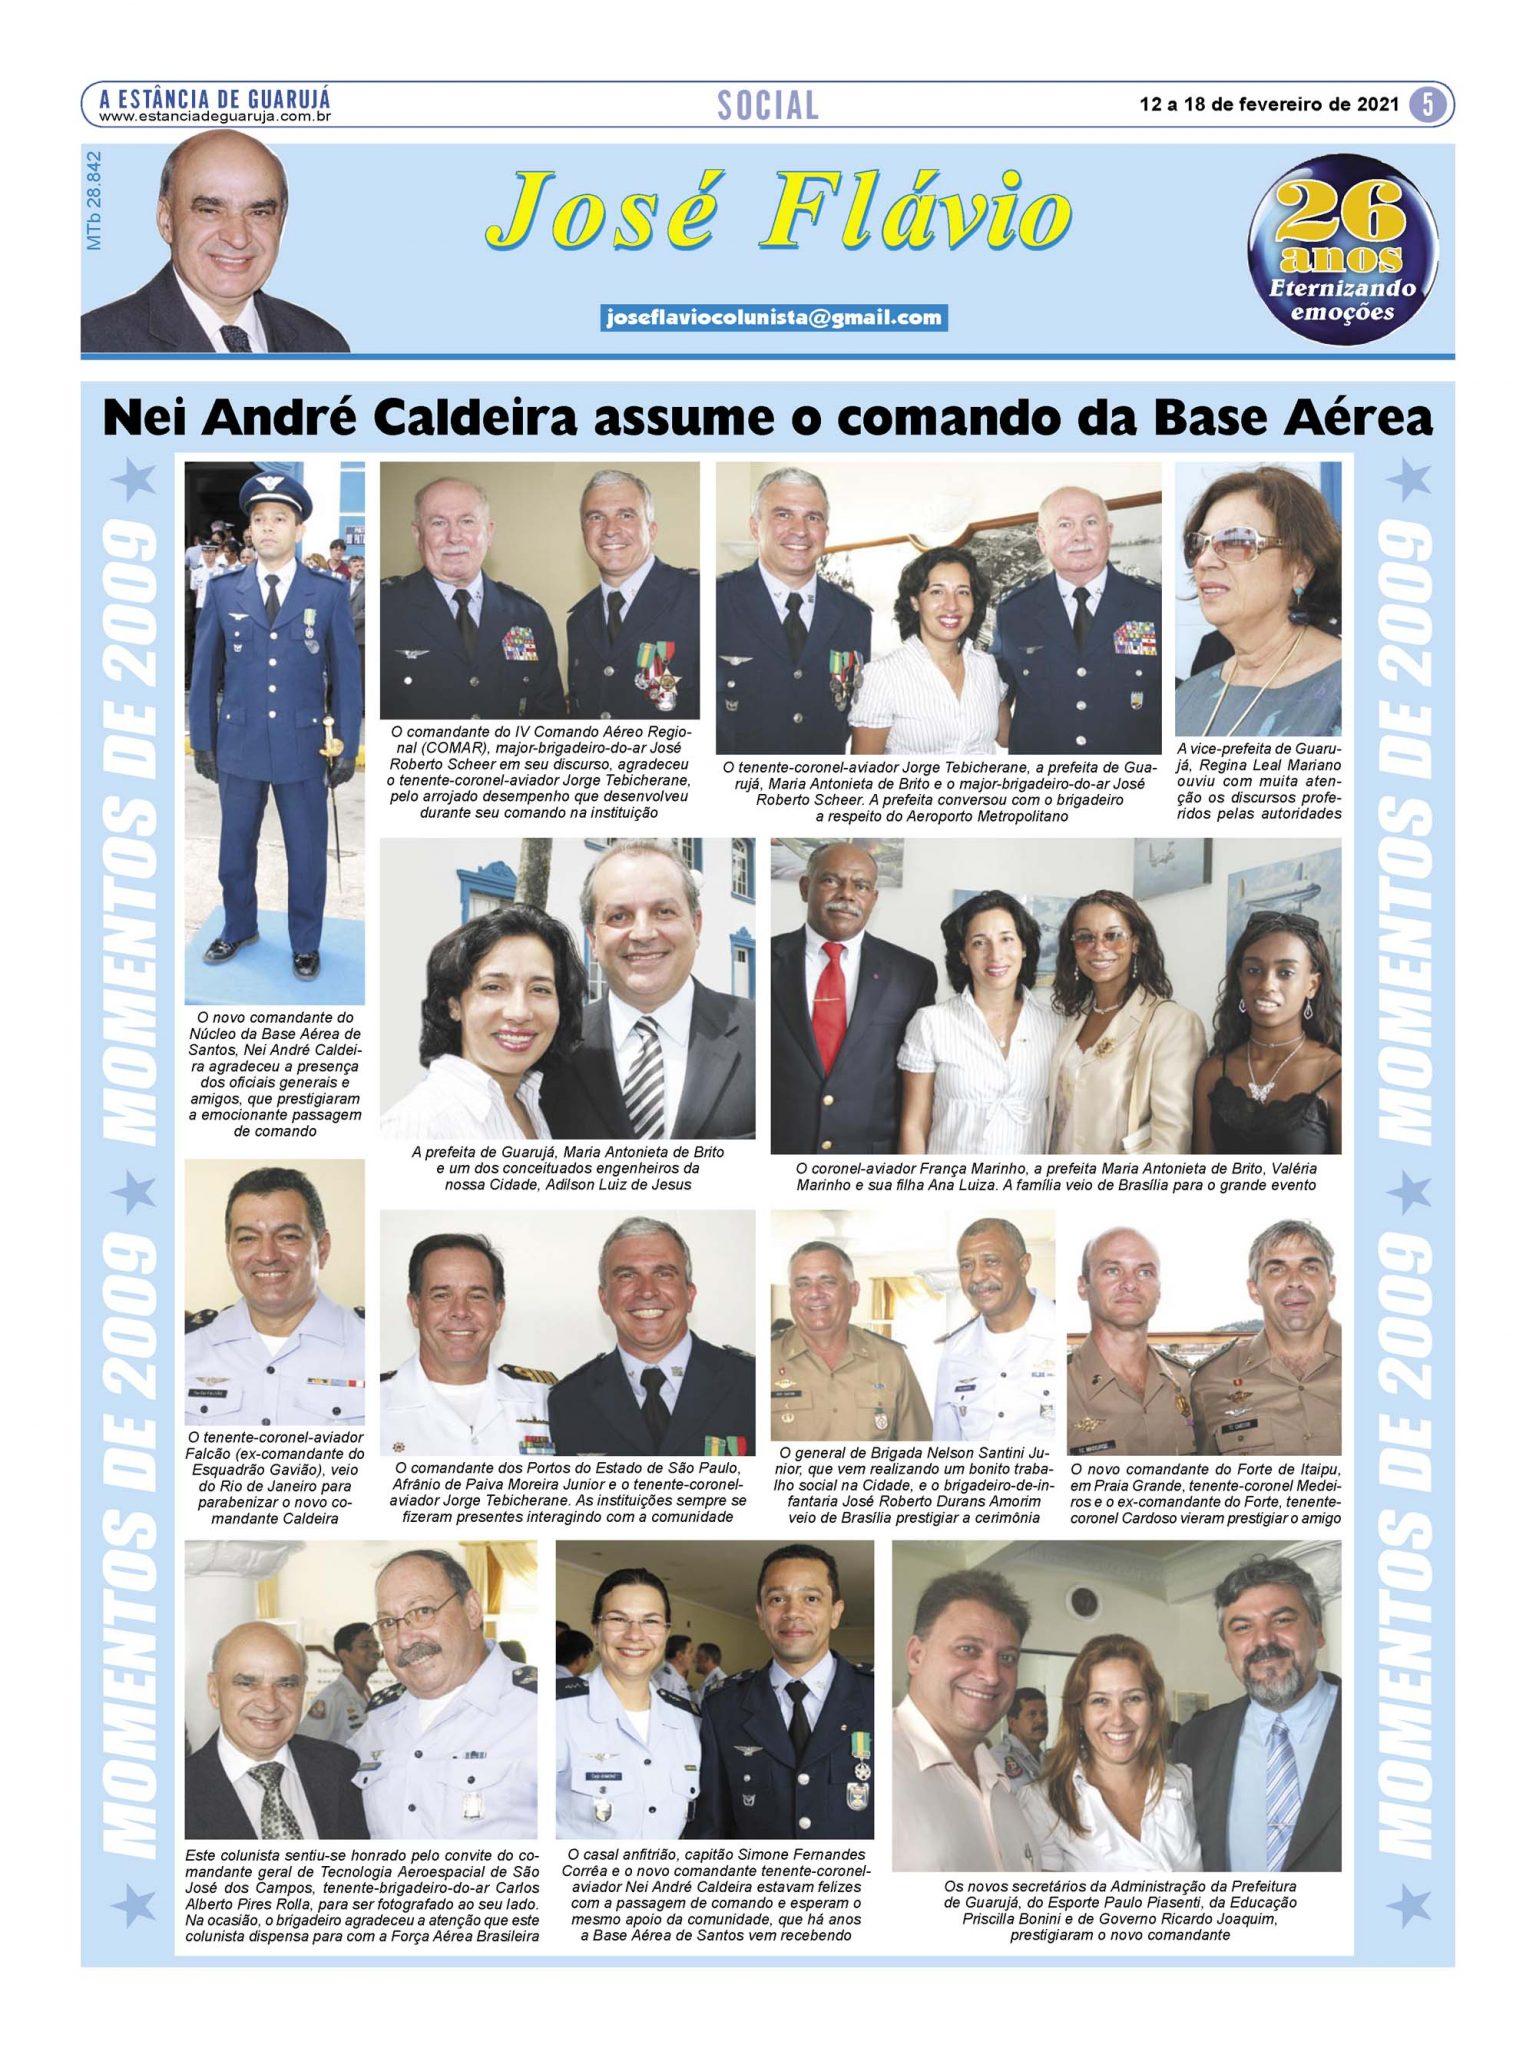 Nei André Caldeira assume o comando da Base Aérea